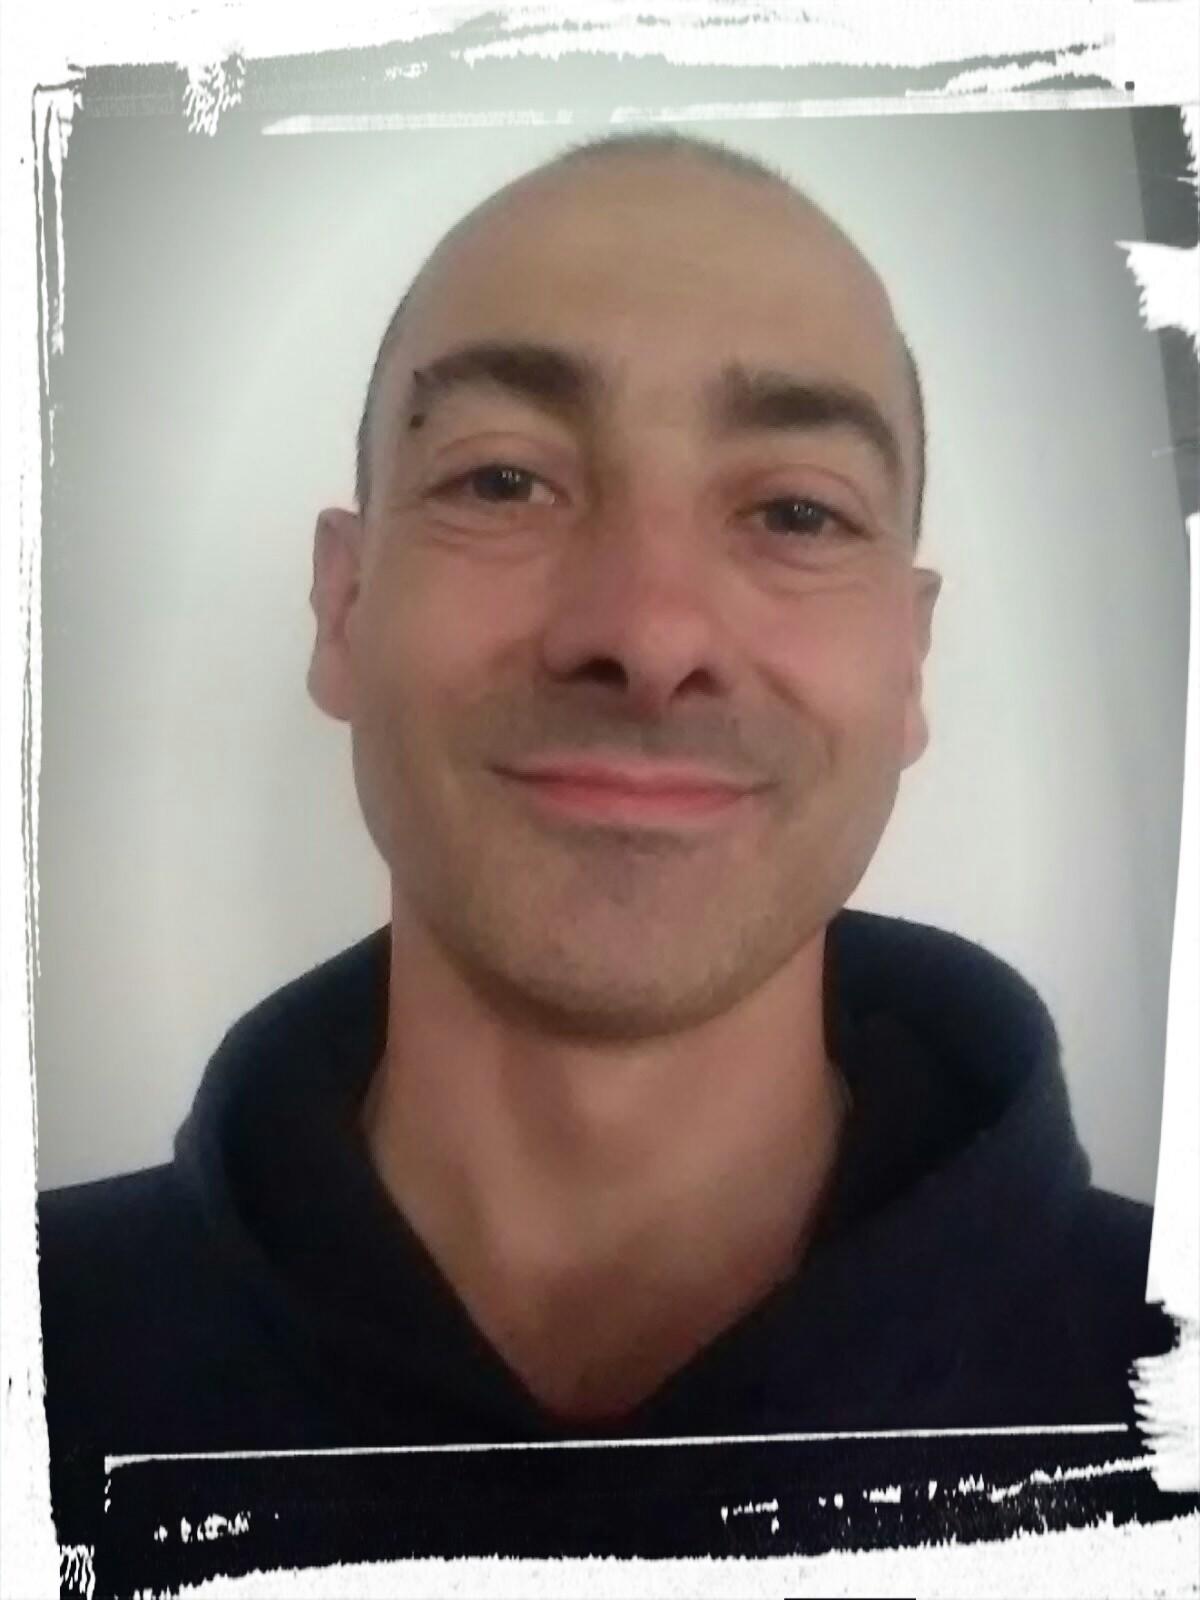 Pierre Pellegrini